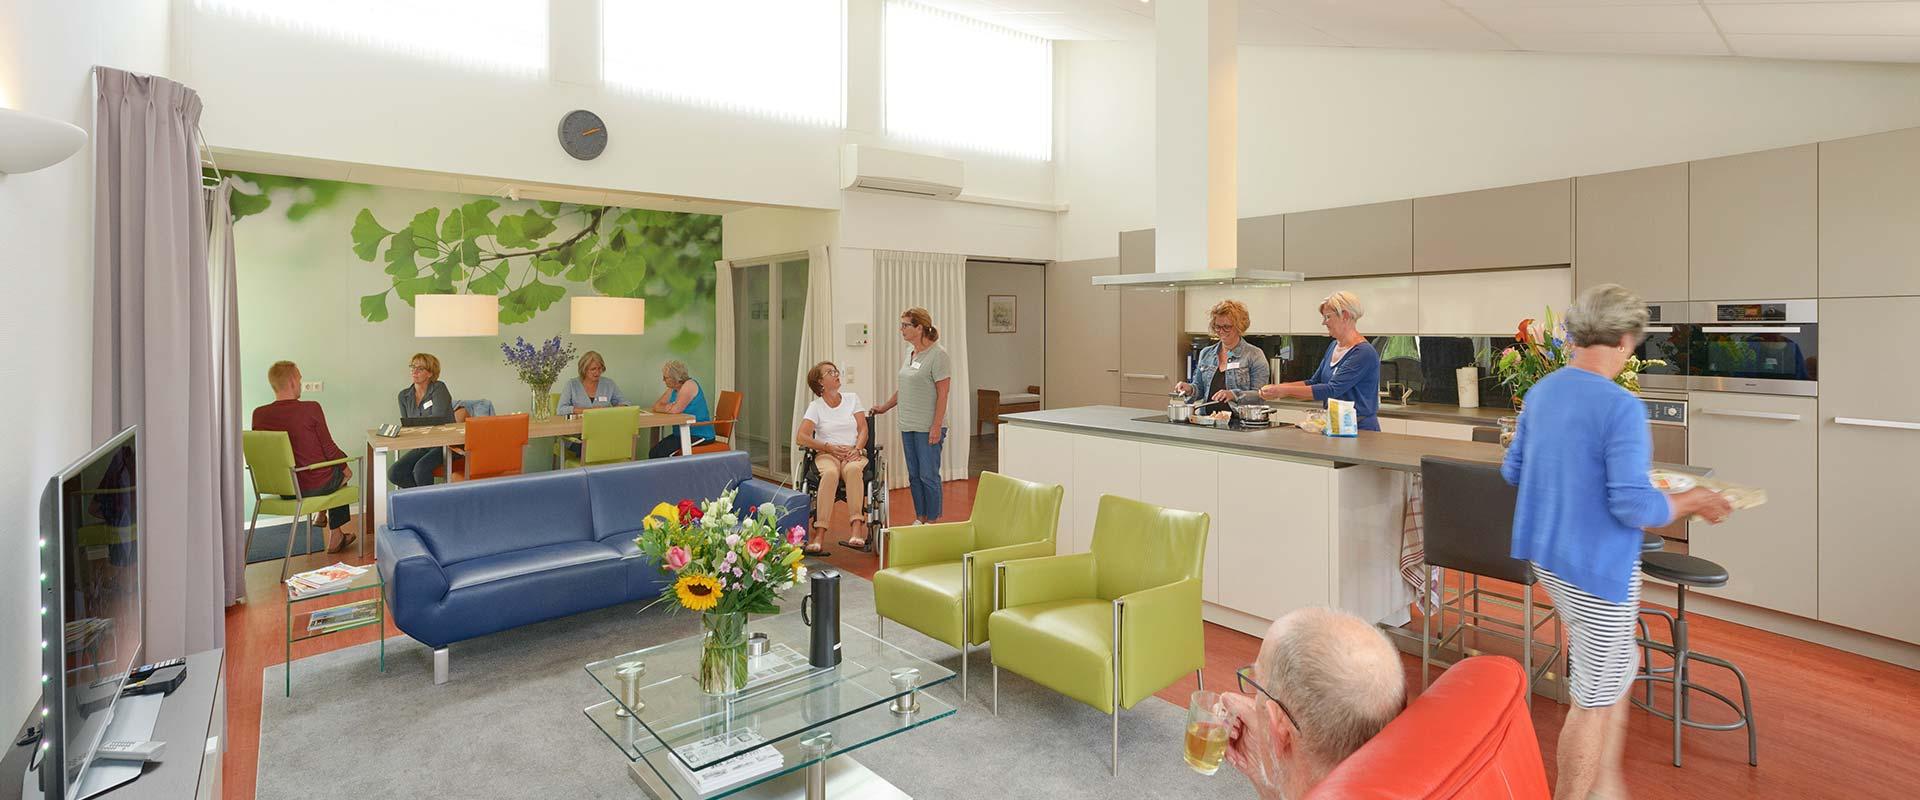 Huiskamer-hospicegroep